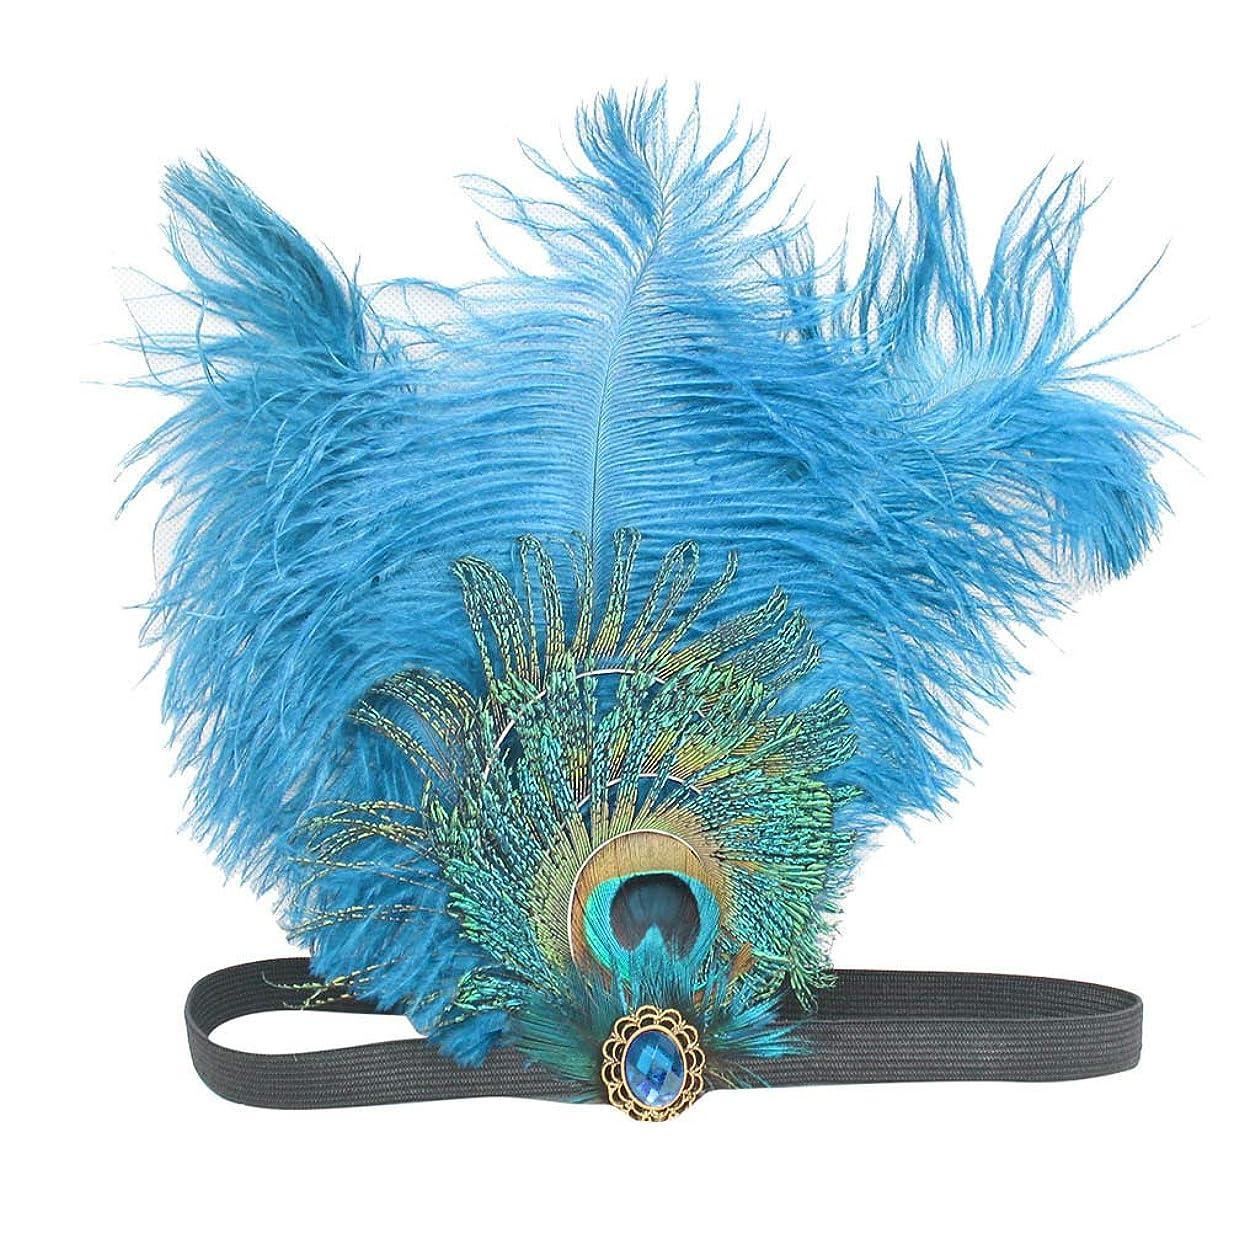 Lieteuy ヘッドバンド 仮装 綺麗 誕生日 仮装パーティー 踊り 頭飾りグッズ 舞台 グッズ 道具 ヘアバンド チューシャ カチューム ダンス用 レディースヘアバンド ヘアアクセサリー